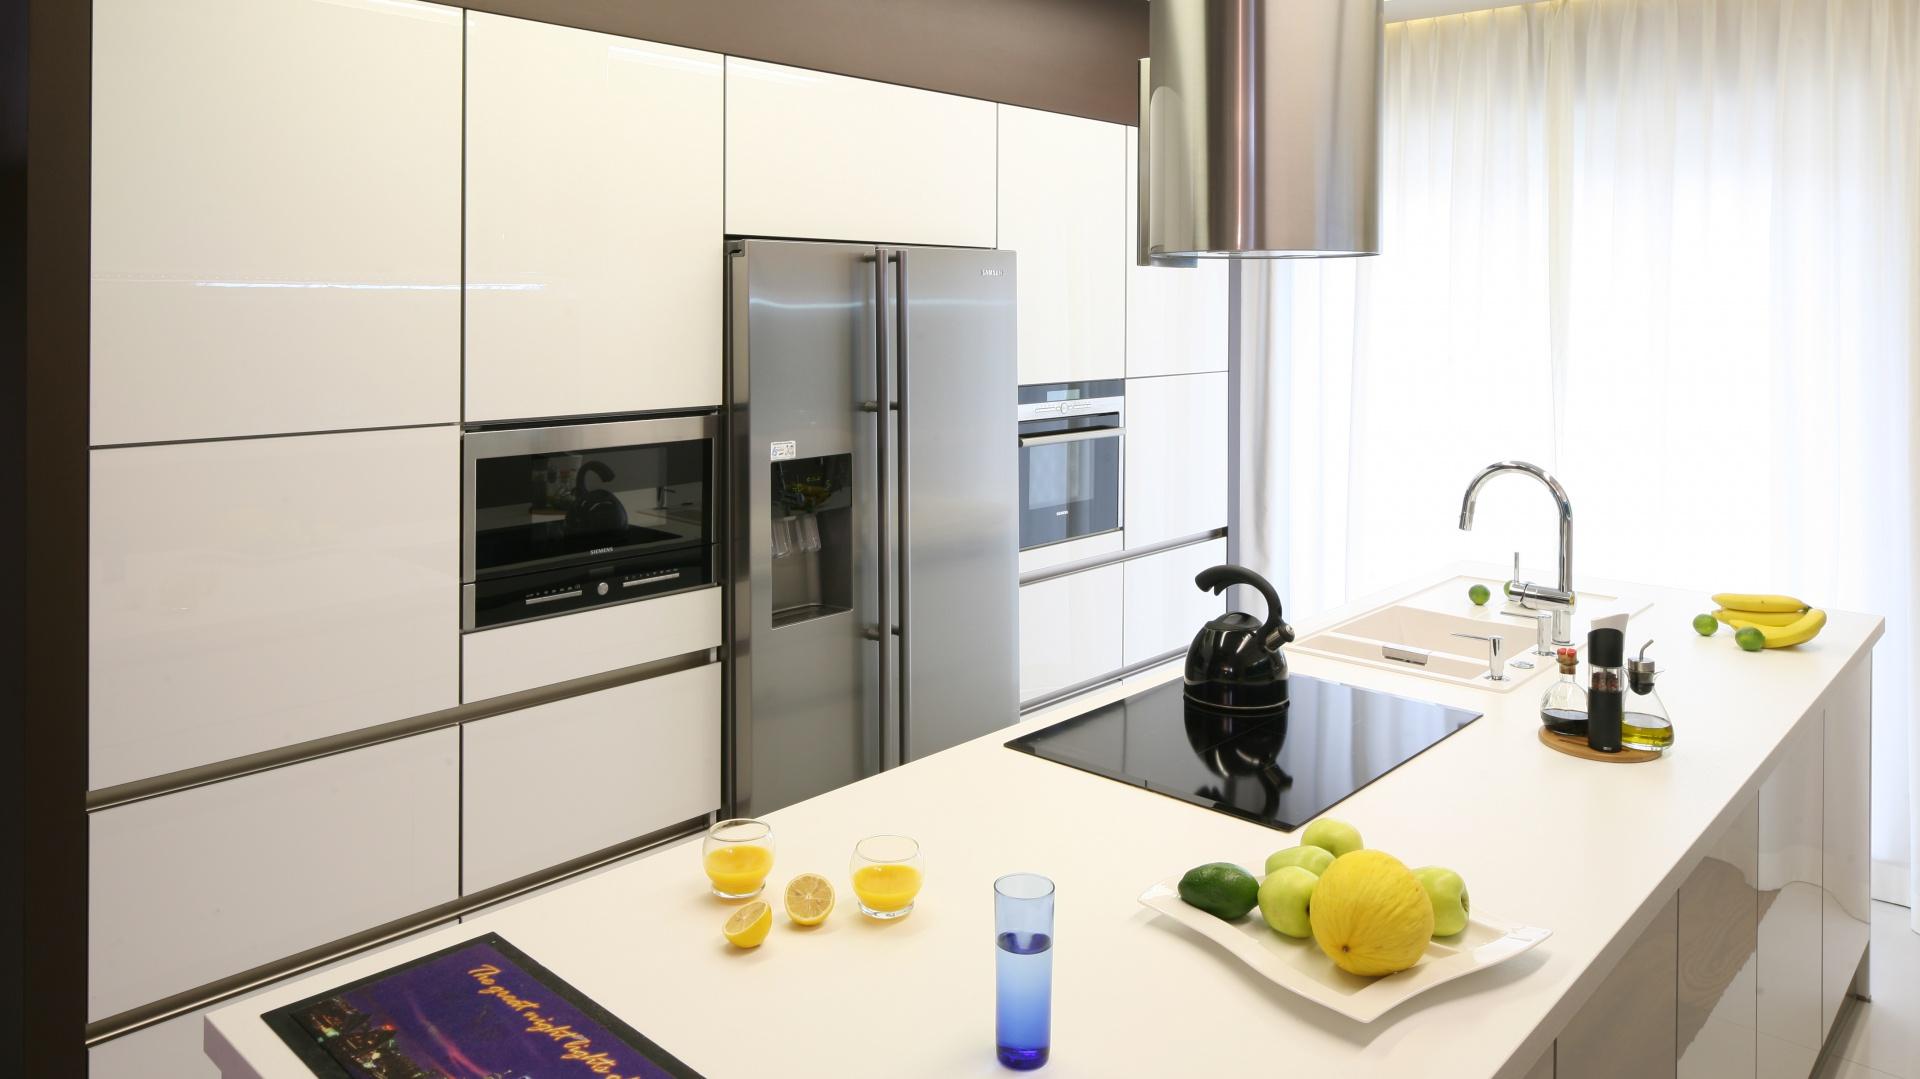 Modna kuchnia: pomysły na strefę zmywania. Projekt: Chantal Springer. Fot. Bartosz Jarosz